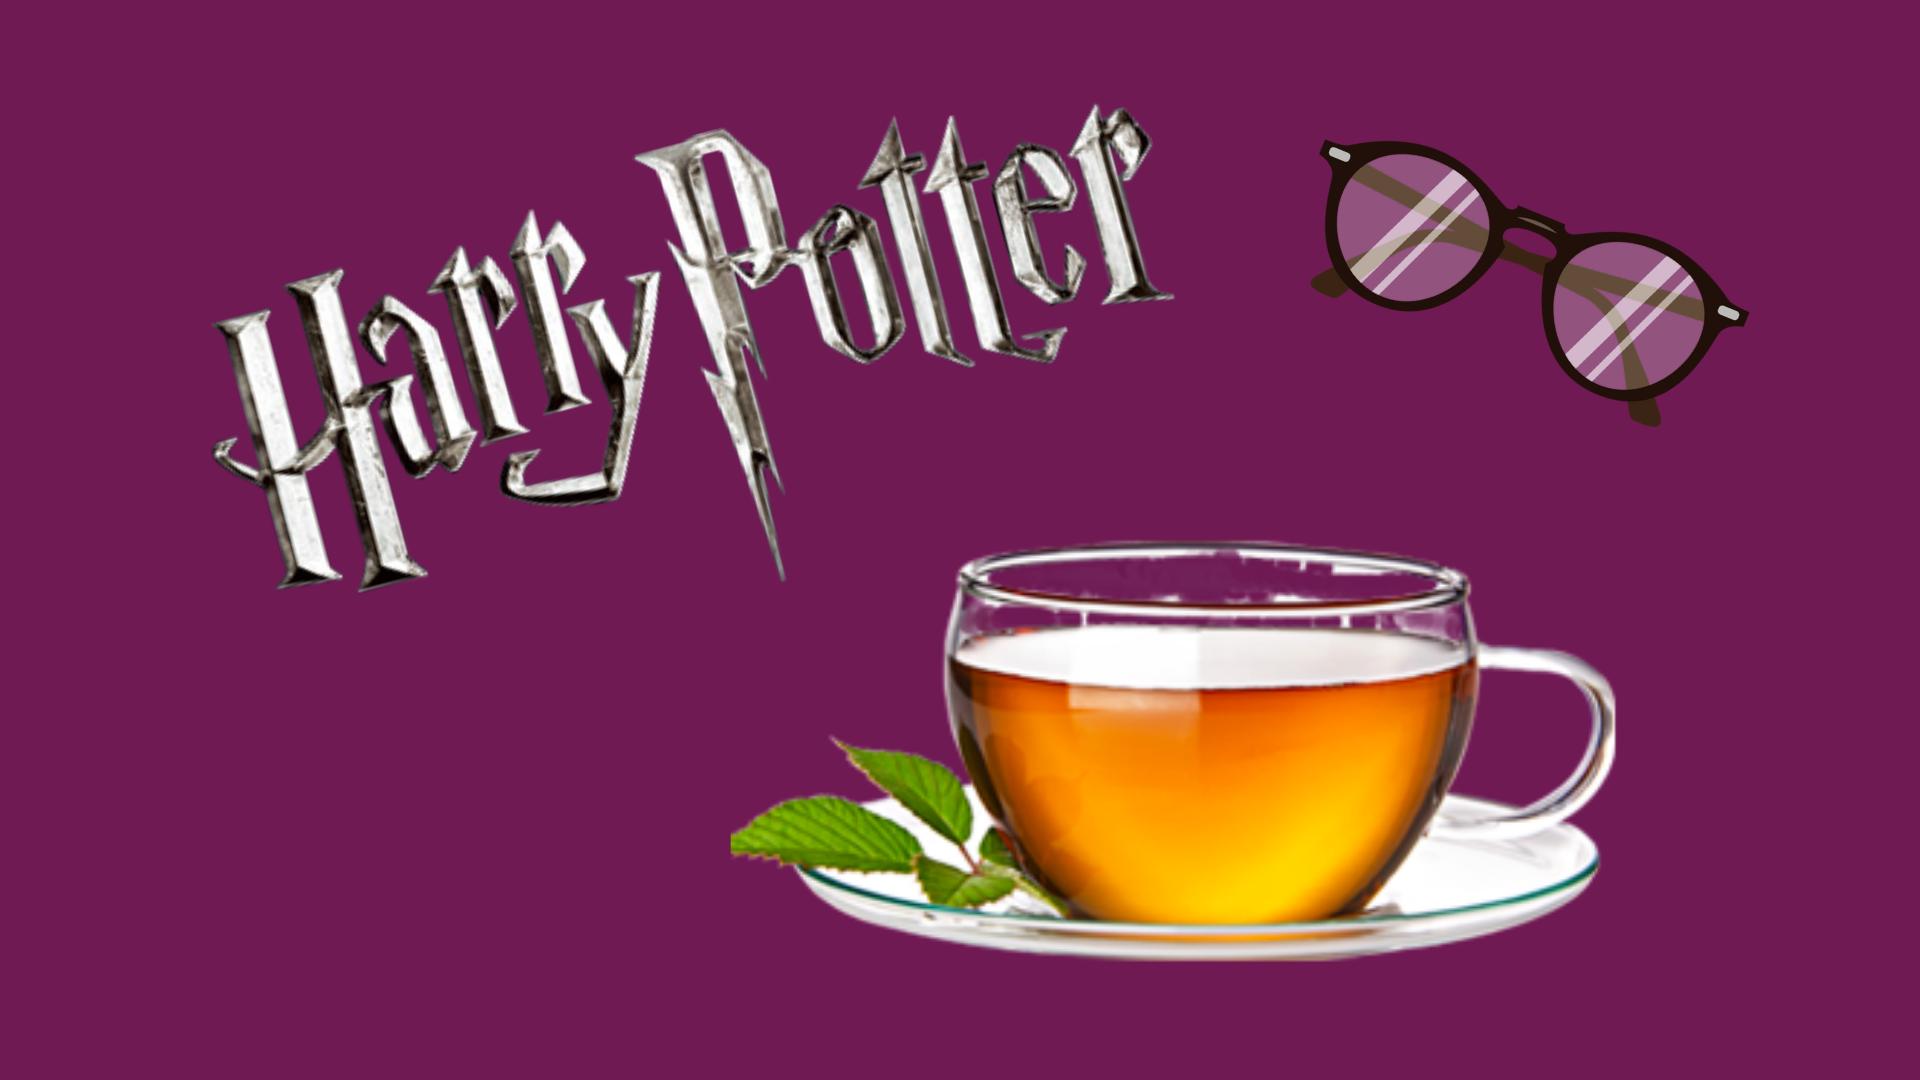 Wat hebben Harry Potter en rooibos thee met elkaar te maken?